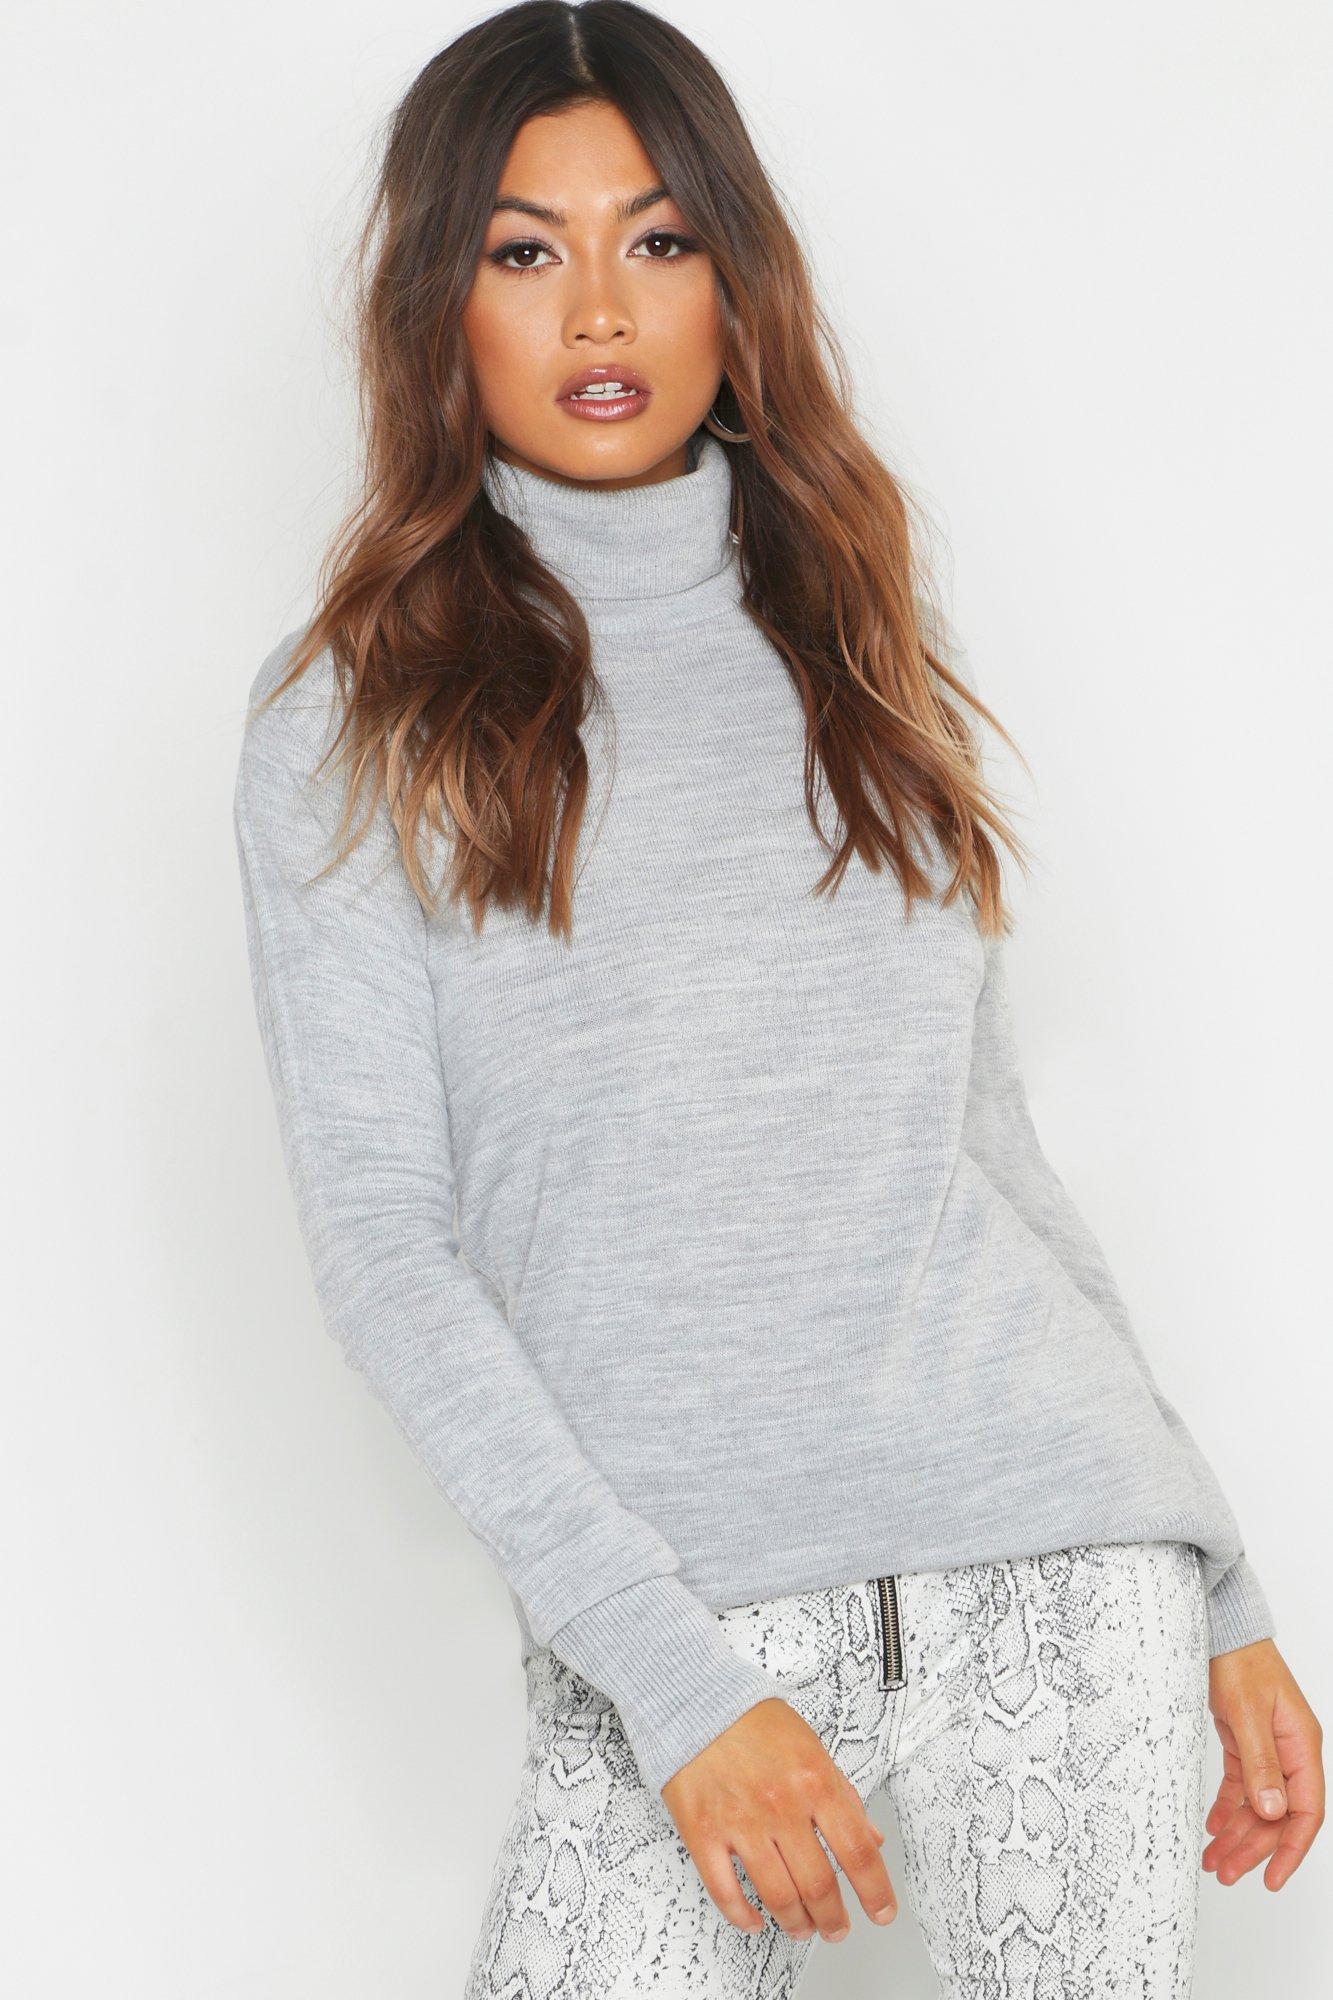 Womens Pullover mit verzierter Knopfleiste, Schultern und Rollkragen - silber - L, Silber - Boohoo.com